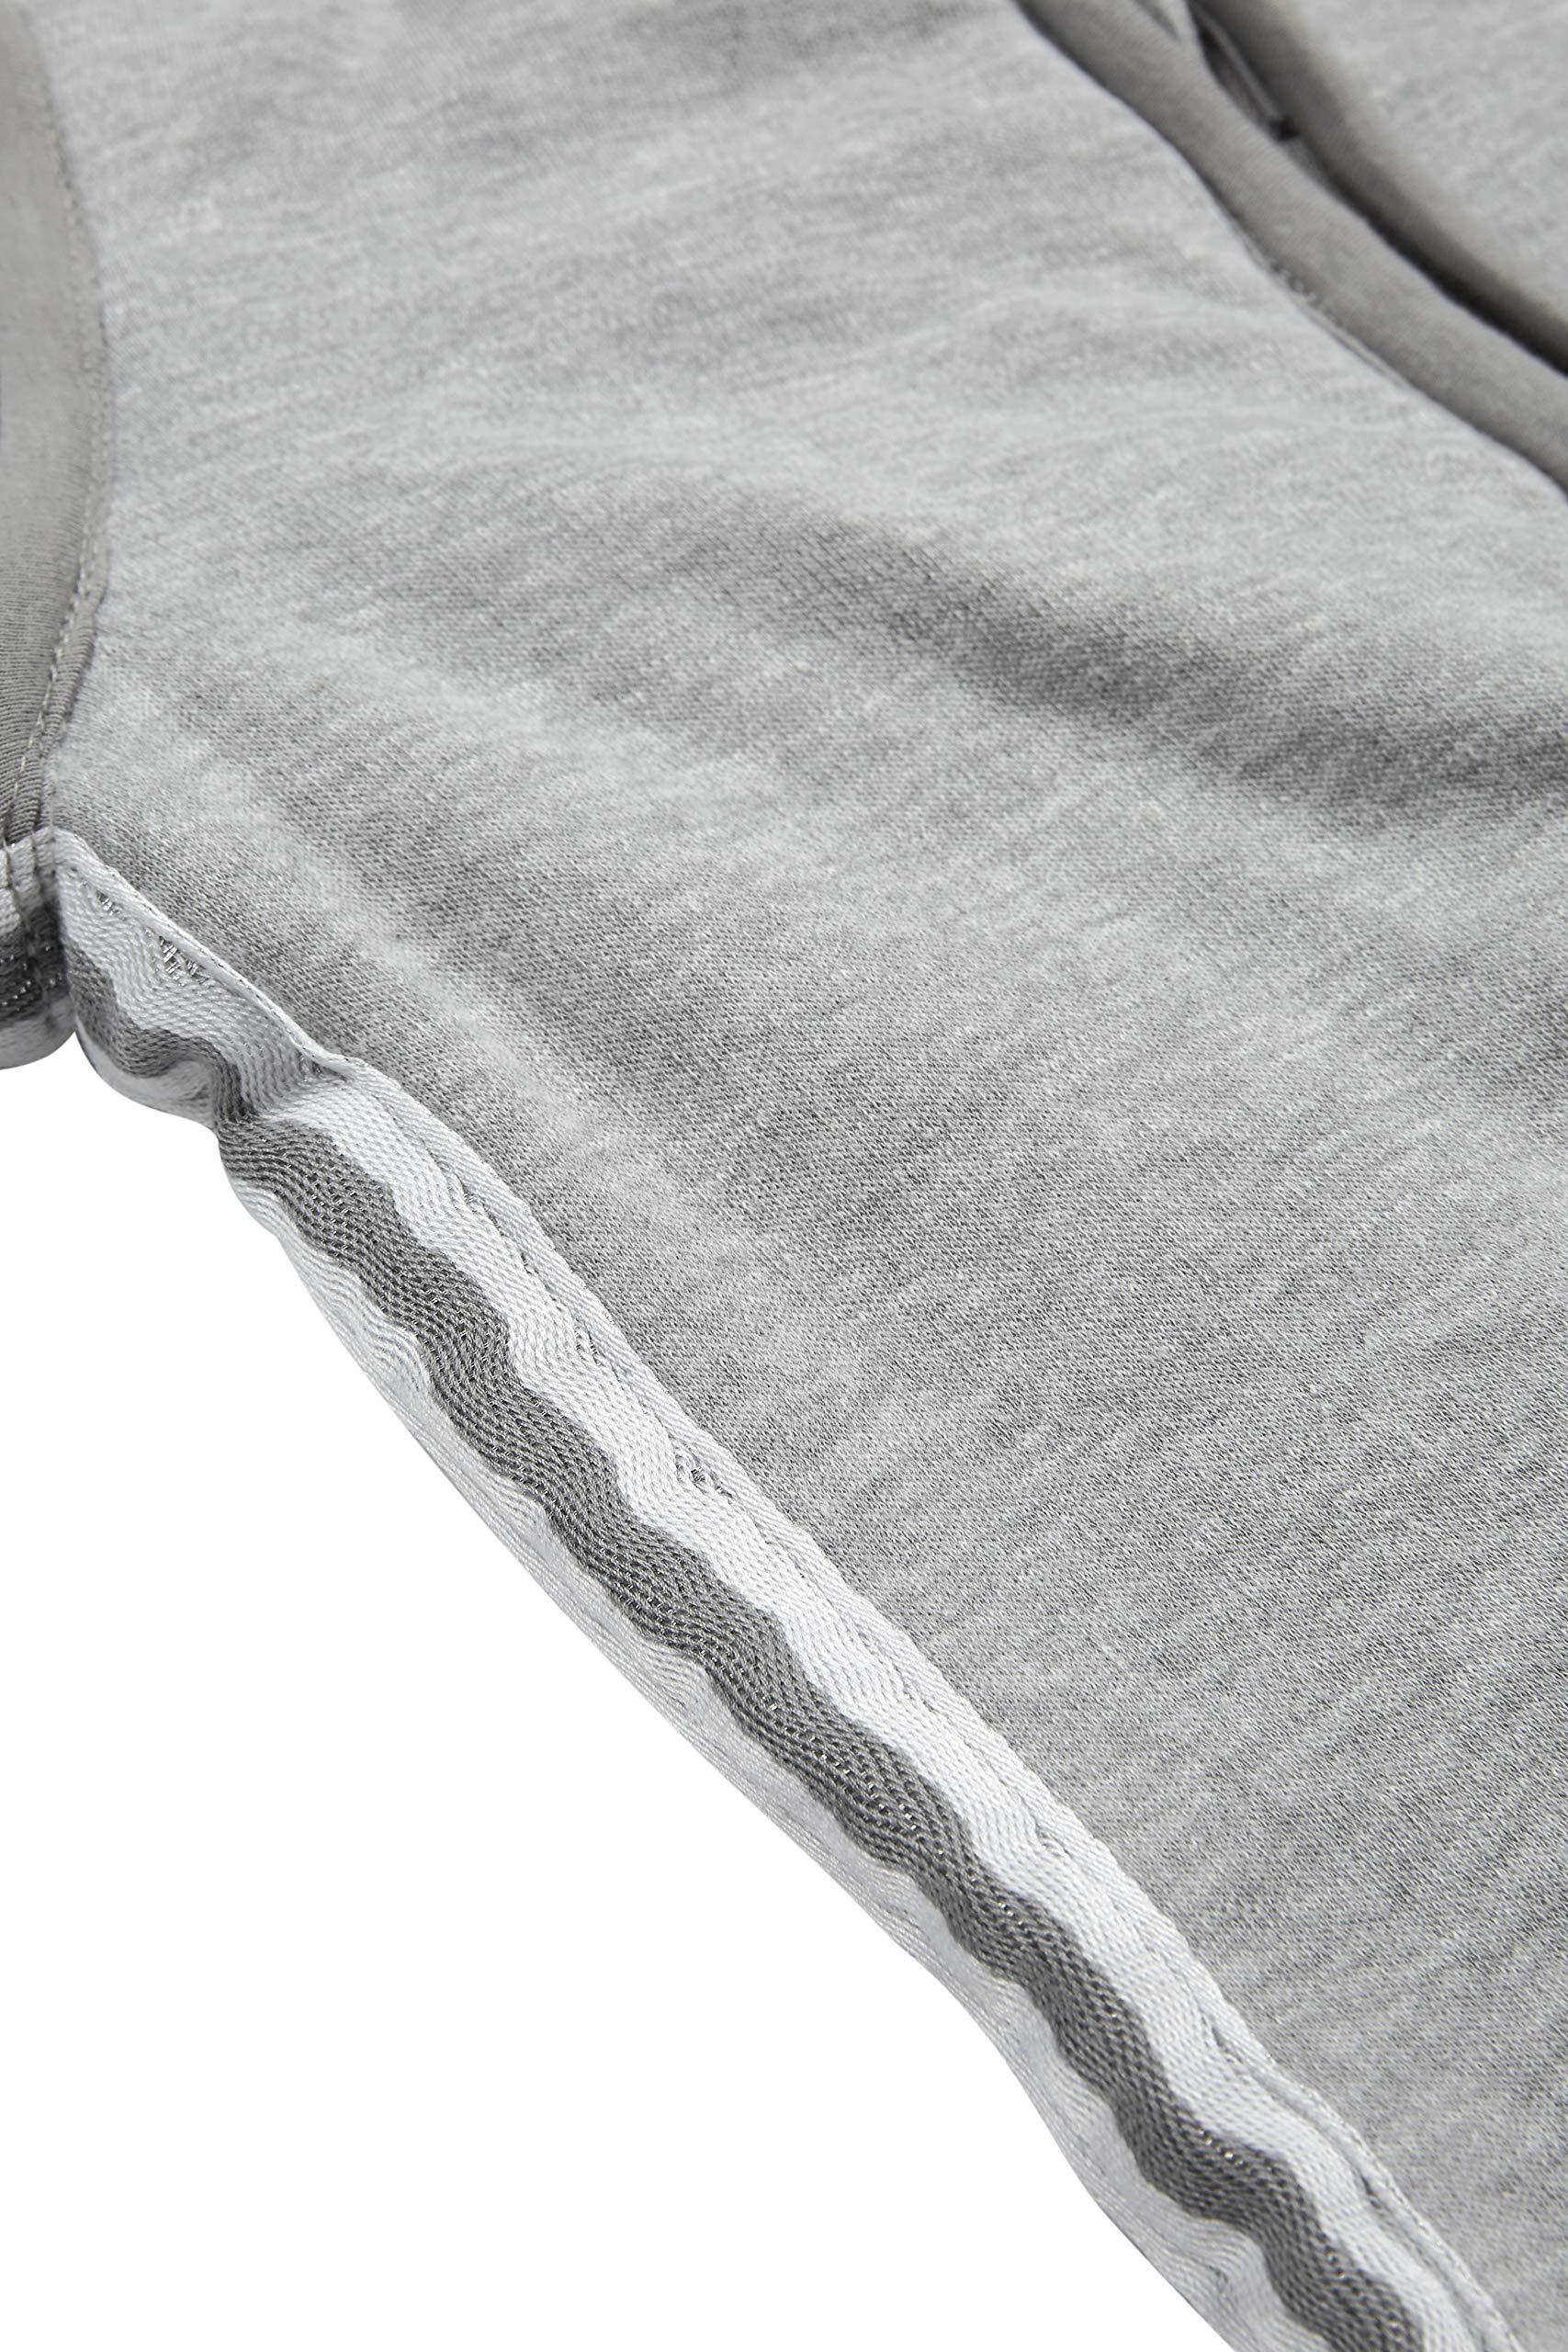 91wd8VEOi3L - Meyco 514025Saco de dormir de invierno 90cm, Gris con Lurex ribete gris